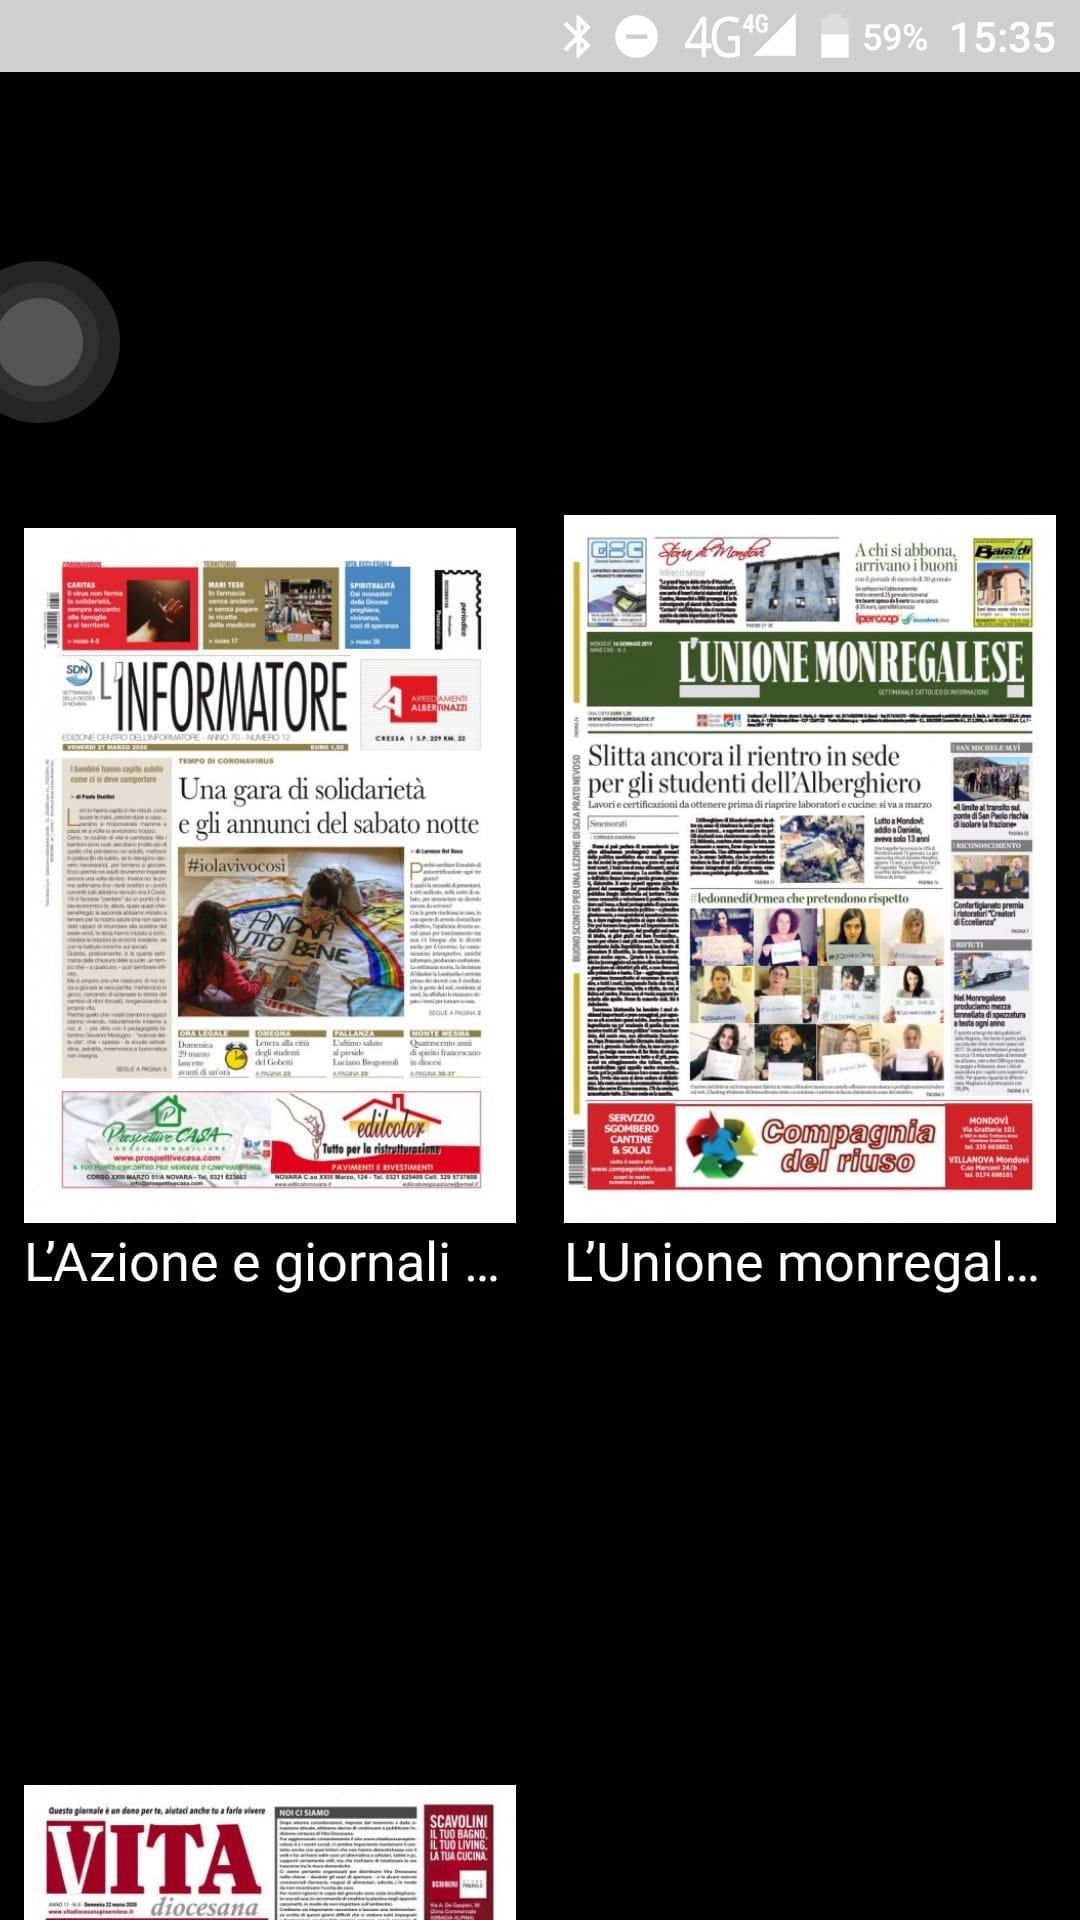 Copia Digitale Gratis Dei Giornali Diocesani Di Novara